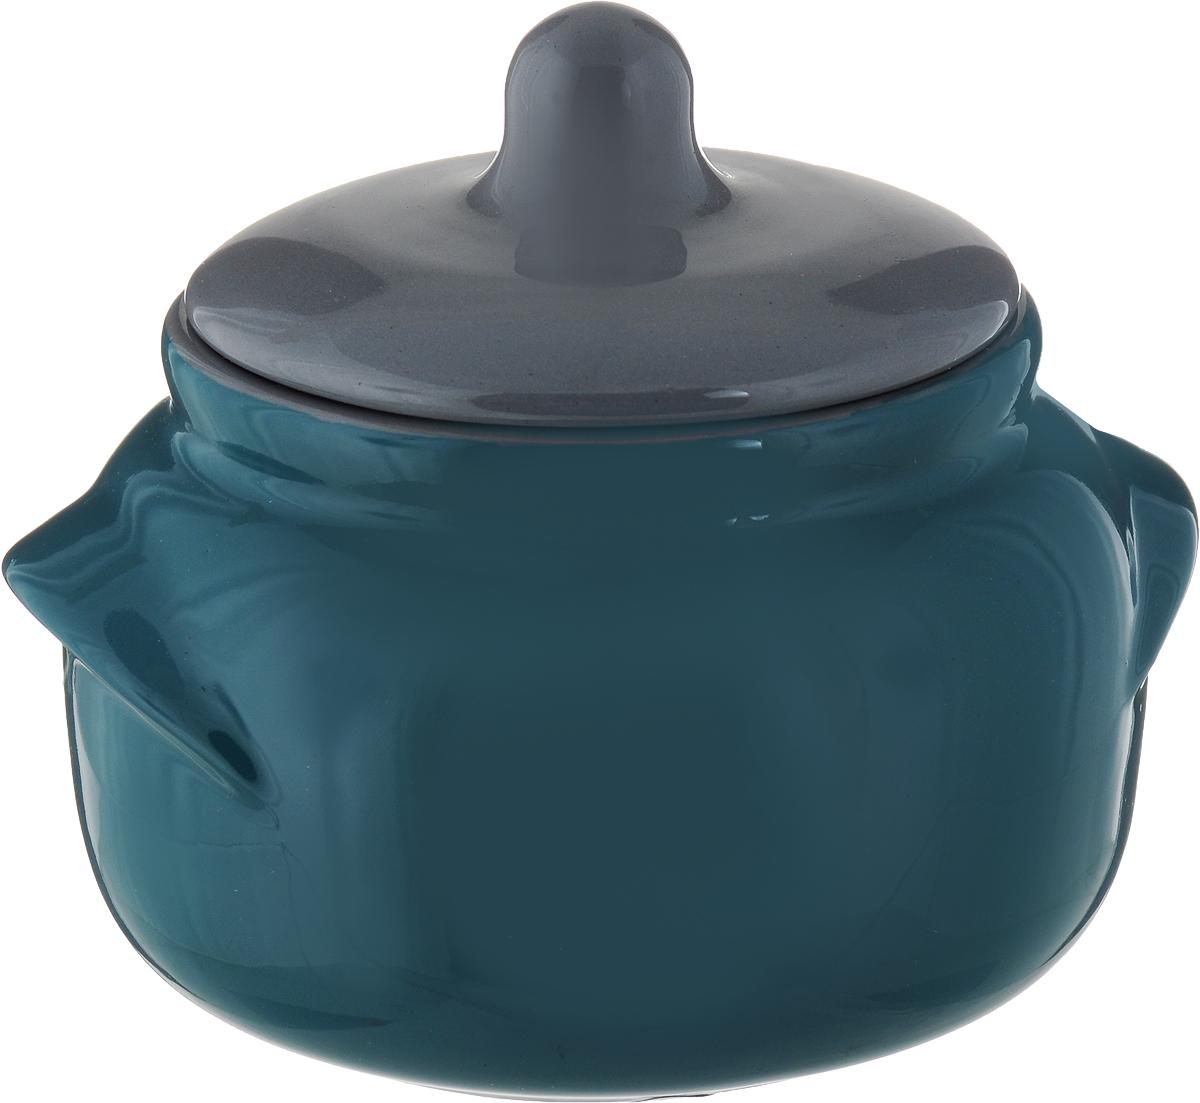 Горшочек для запекания Борисовская керамика Новарусса, цвет: морская волна, серый, 500 мл набор горшочков для запекания борисовская керамика новарусса 4 шт